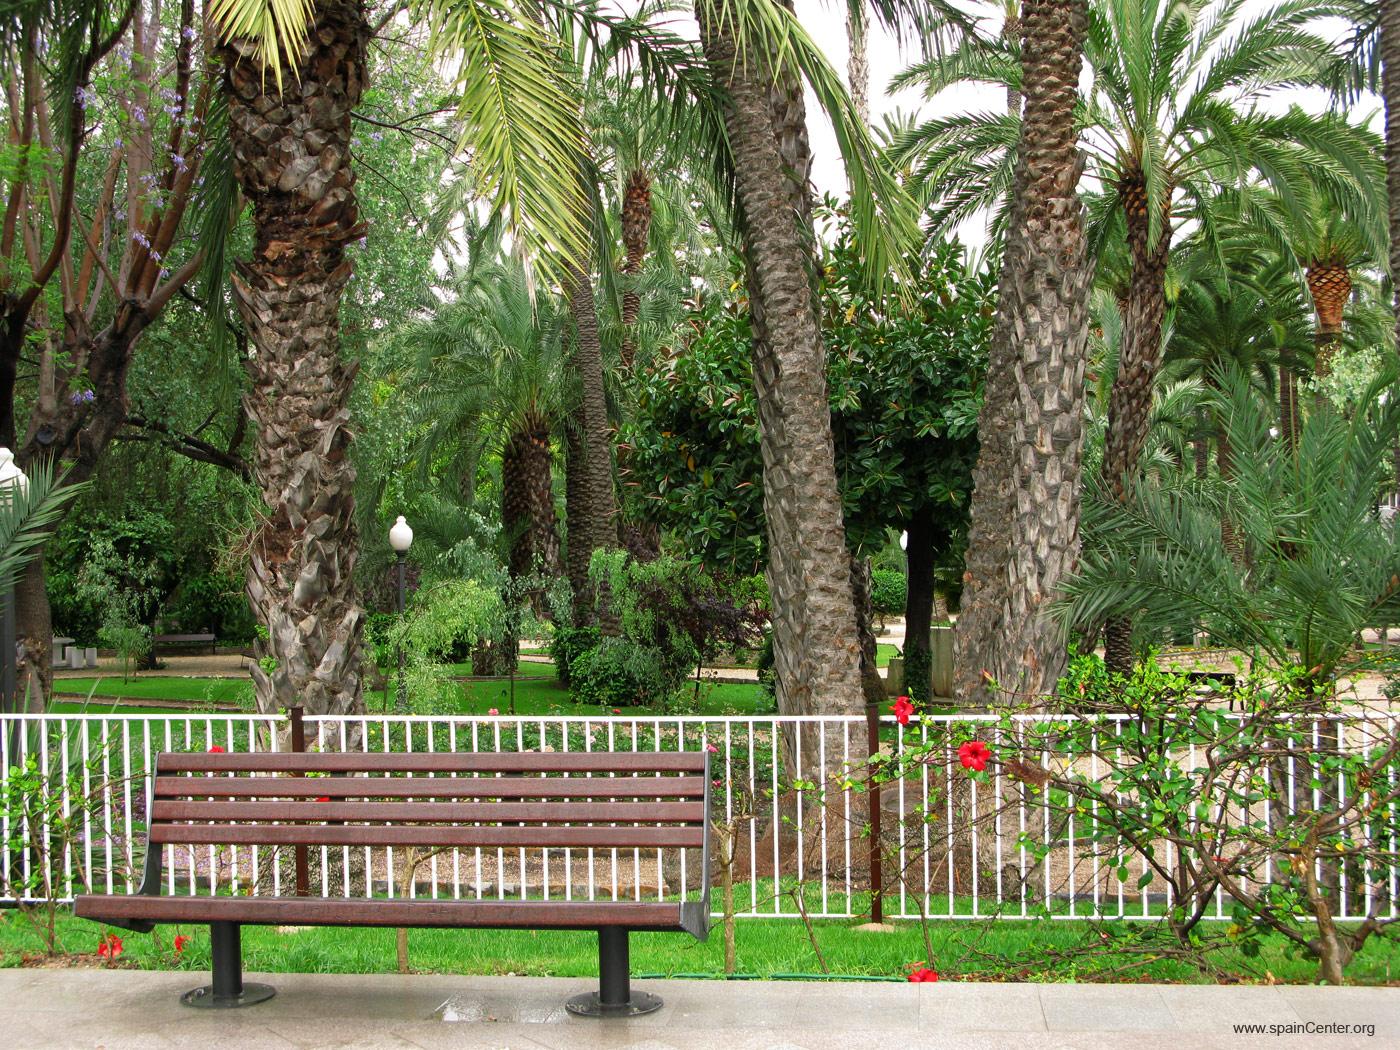 100 mejores fondos de jardines fondos de pantalla for Diseno de parques y jardines